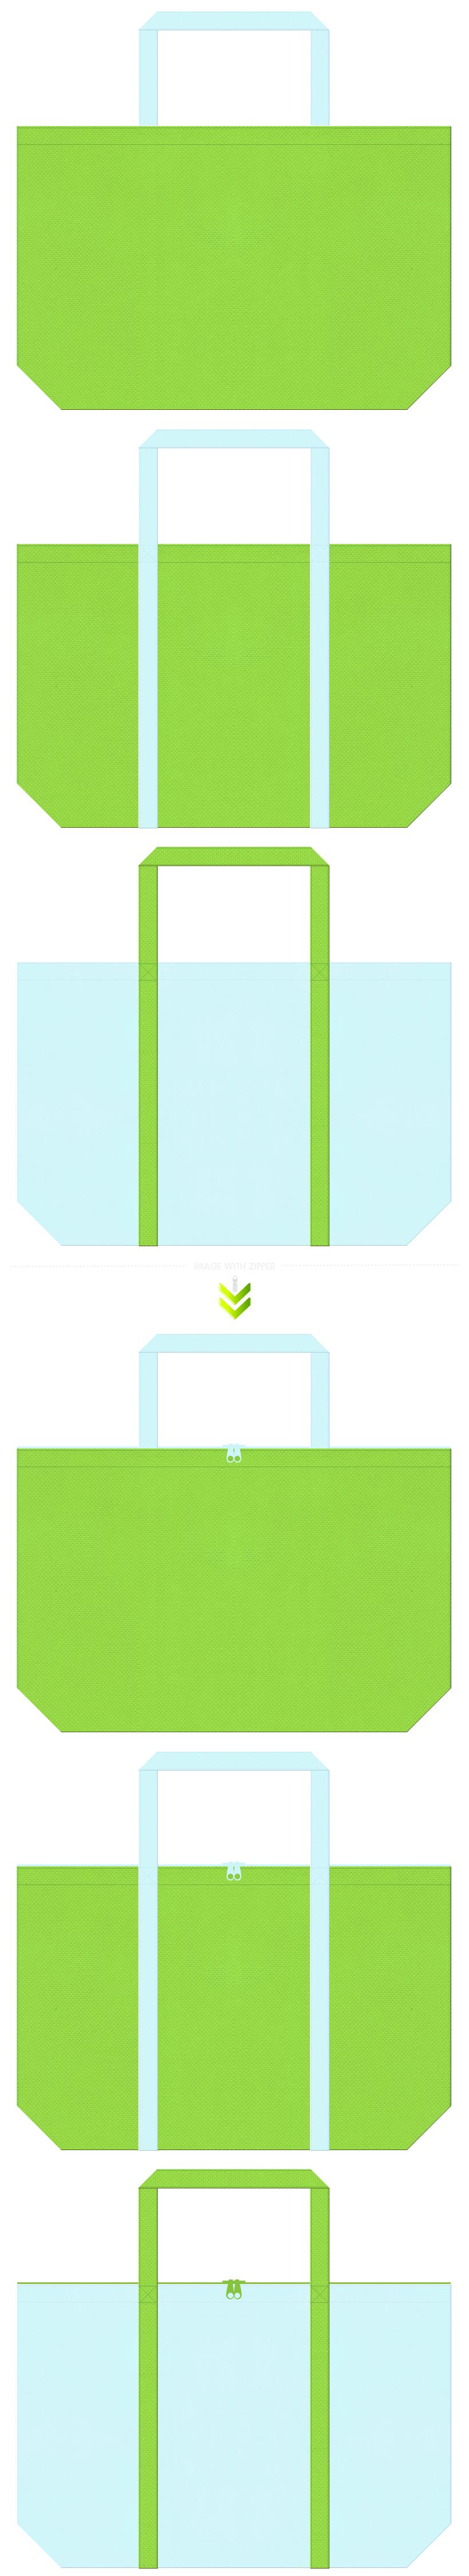 黄緑色と水色の不織布エコバッグのデザイン。